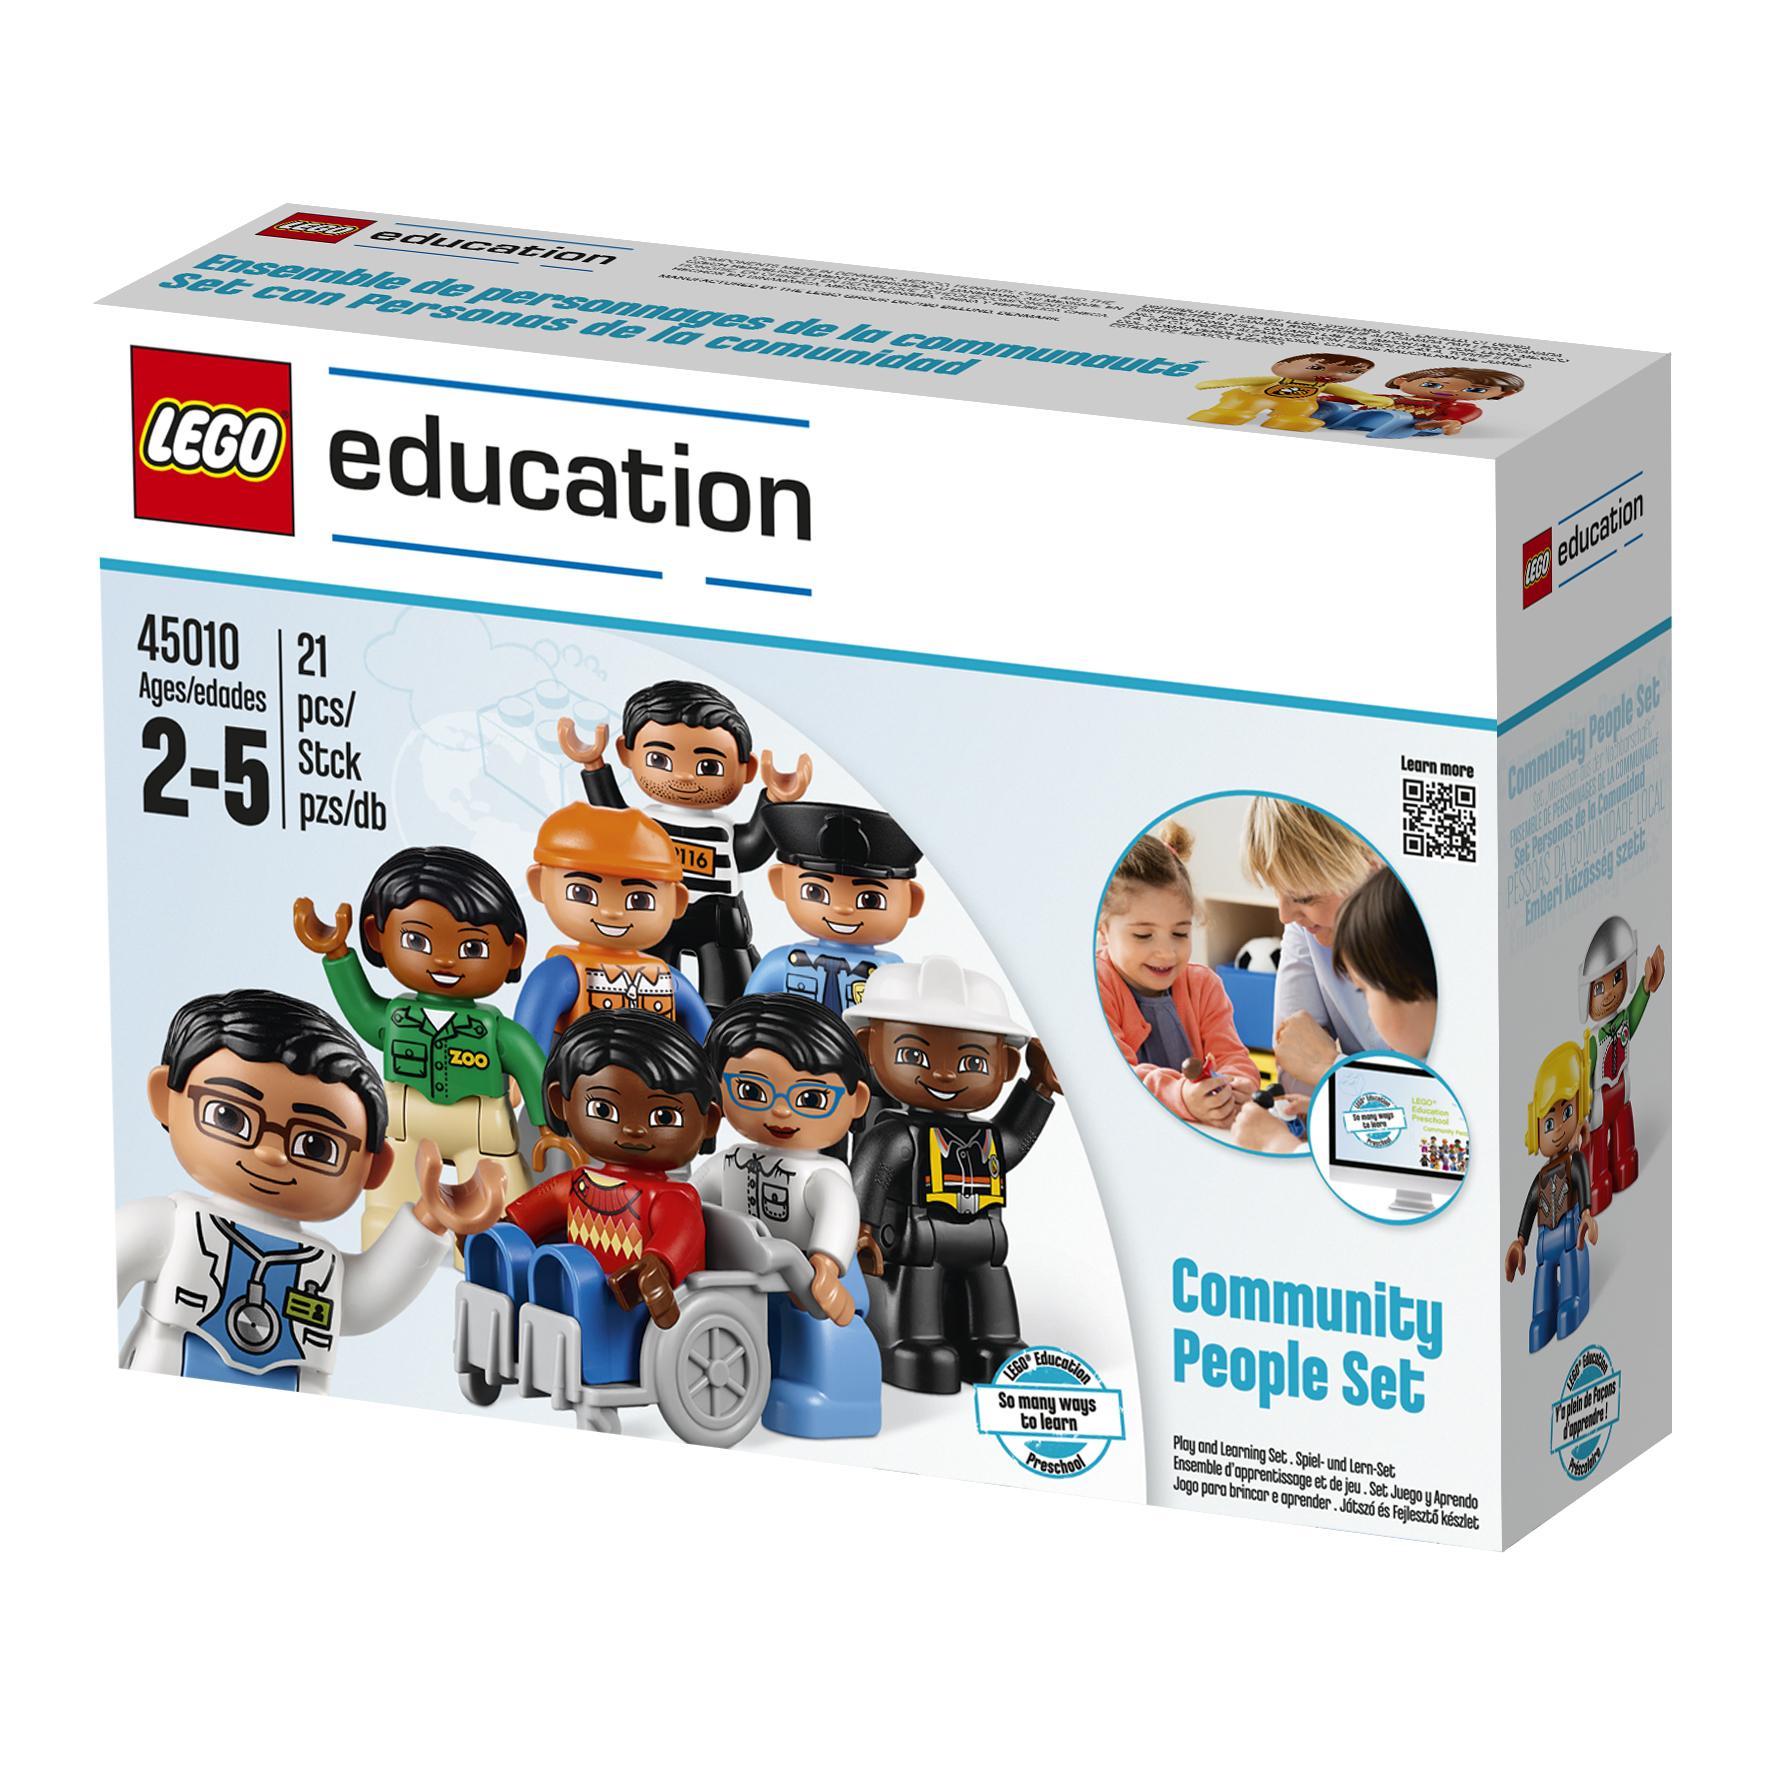 Пластиковый конструктор LEGO 45011 lego education preschool 45011 люди мира duplo